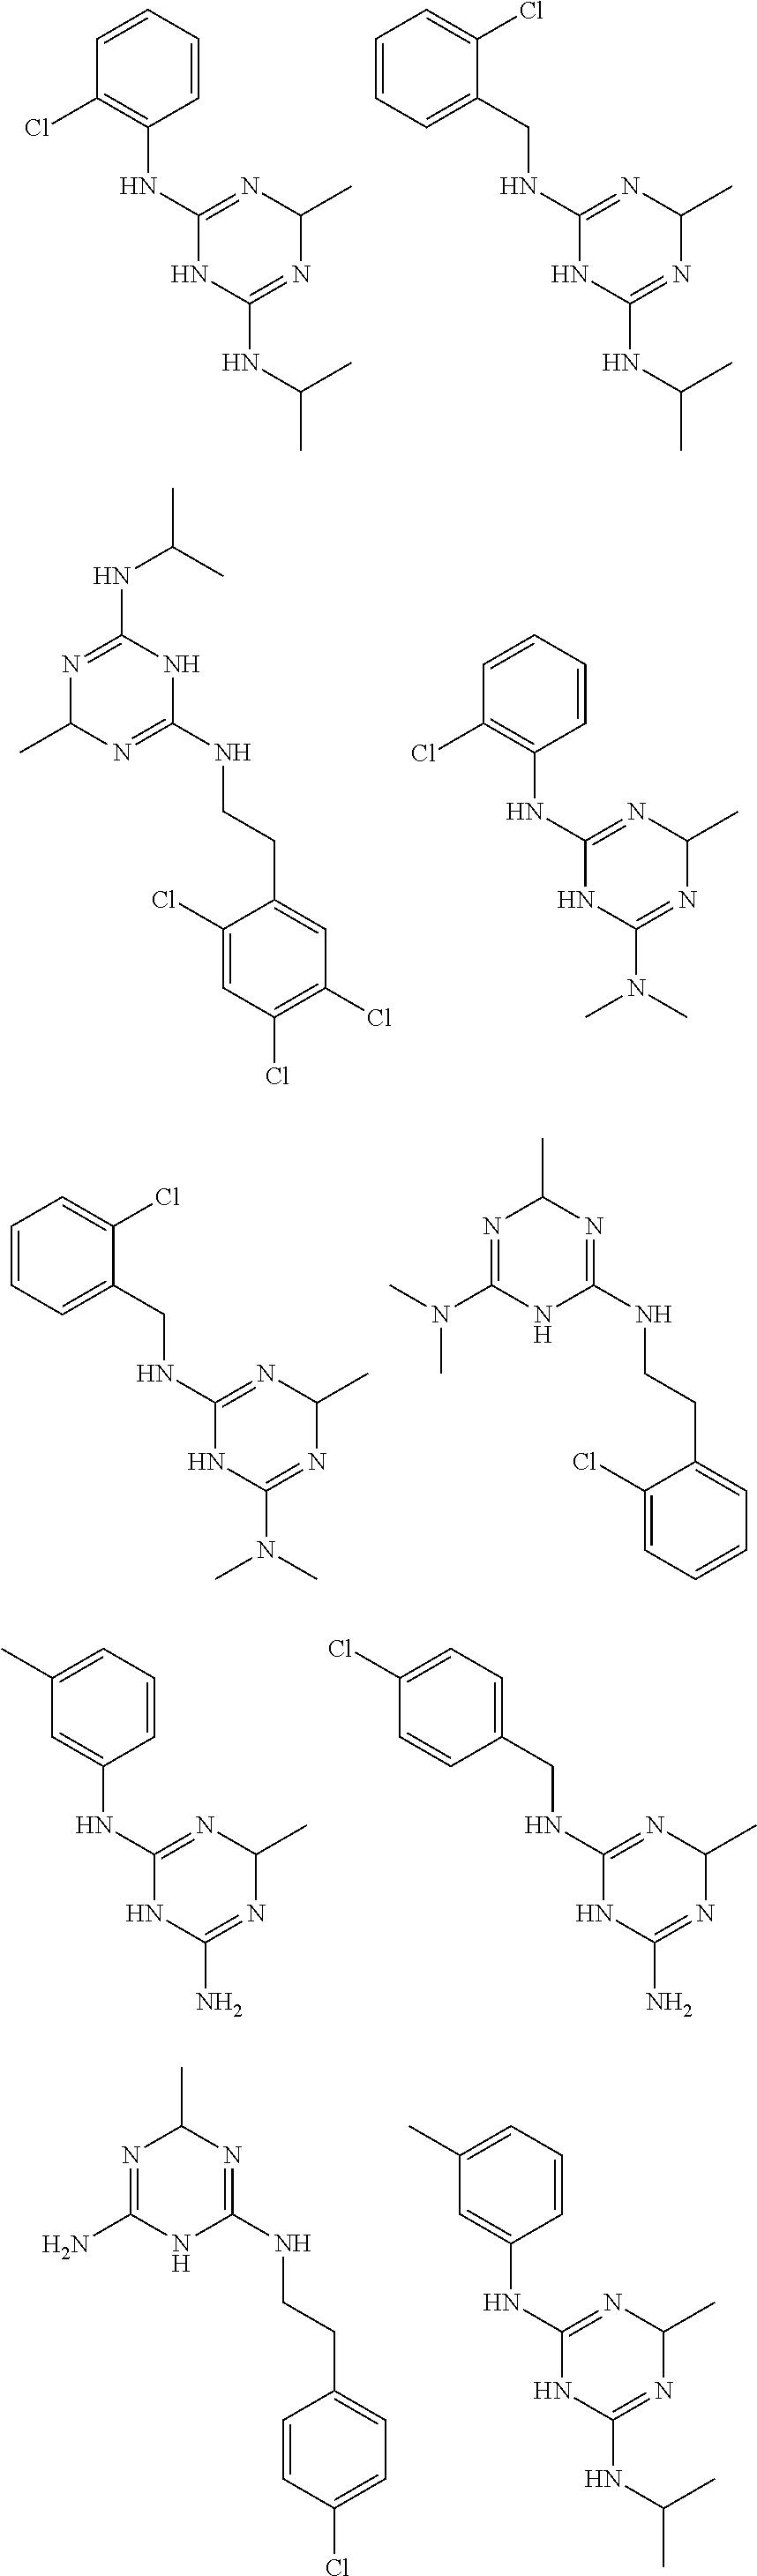 Figure US09480663-20161101-C00209